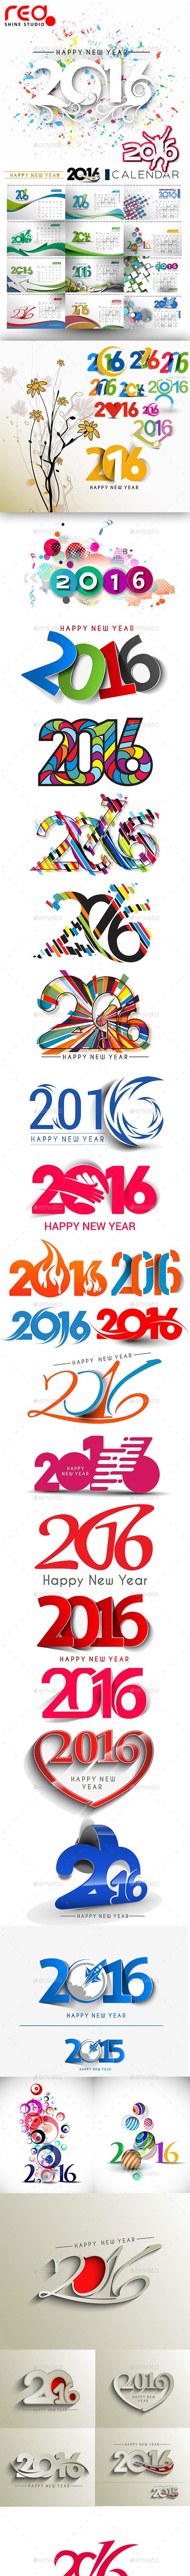 Happy New Year 2016 - 2015 - 2014 - New Year Seasons/Holidays